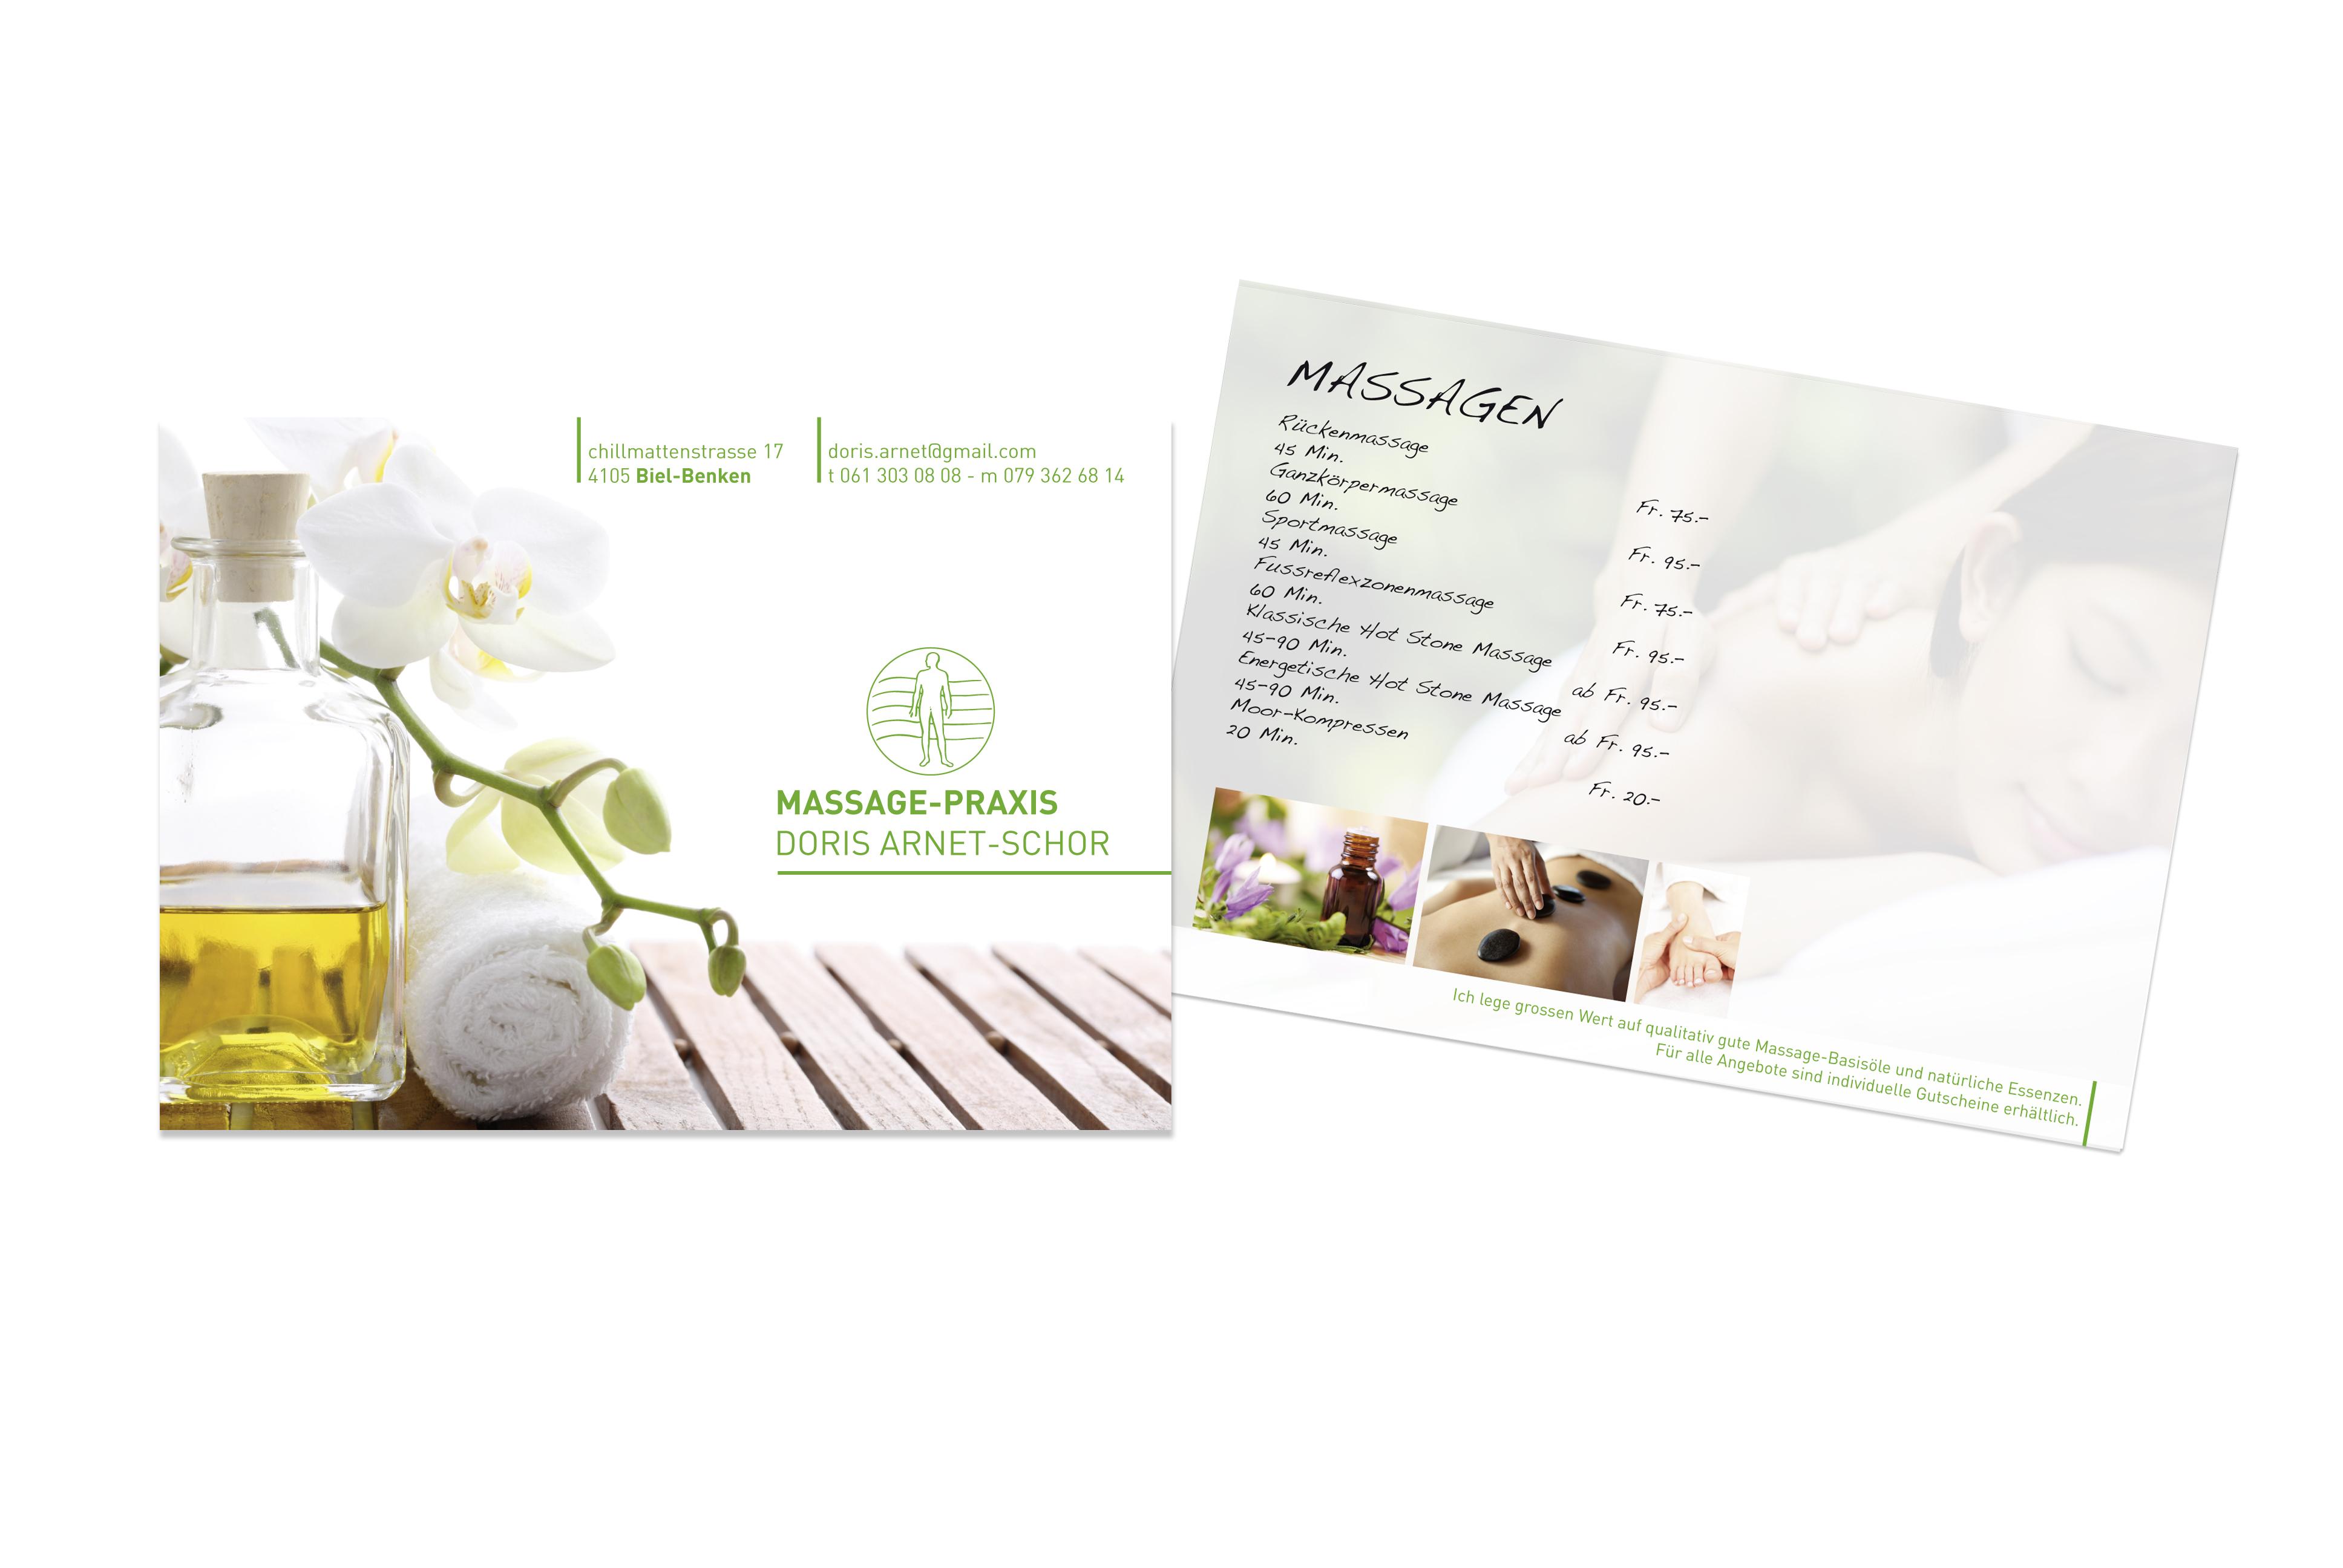 Flyer für die Massagepraxis Doris Arnet, Biel Benken